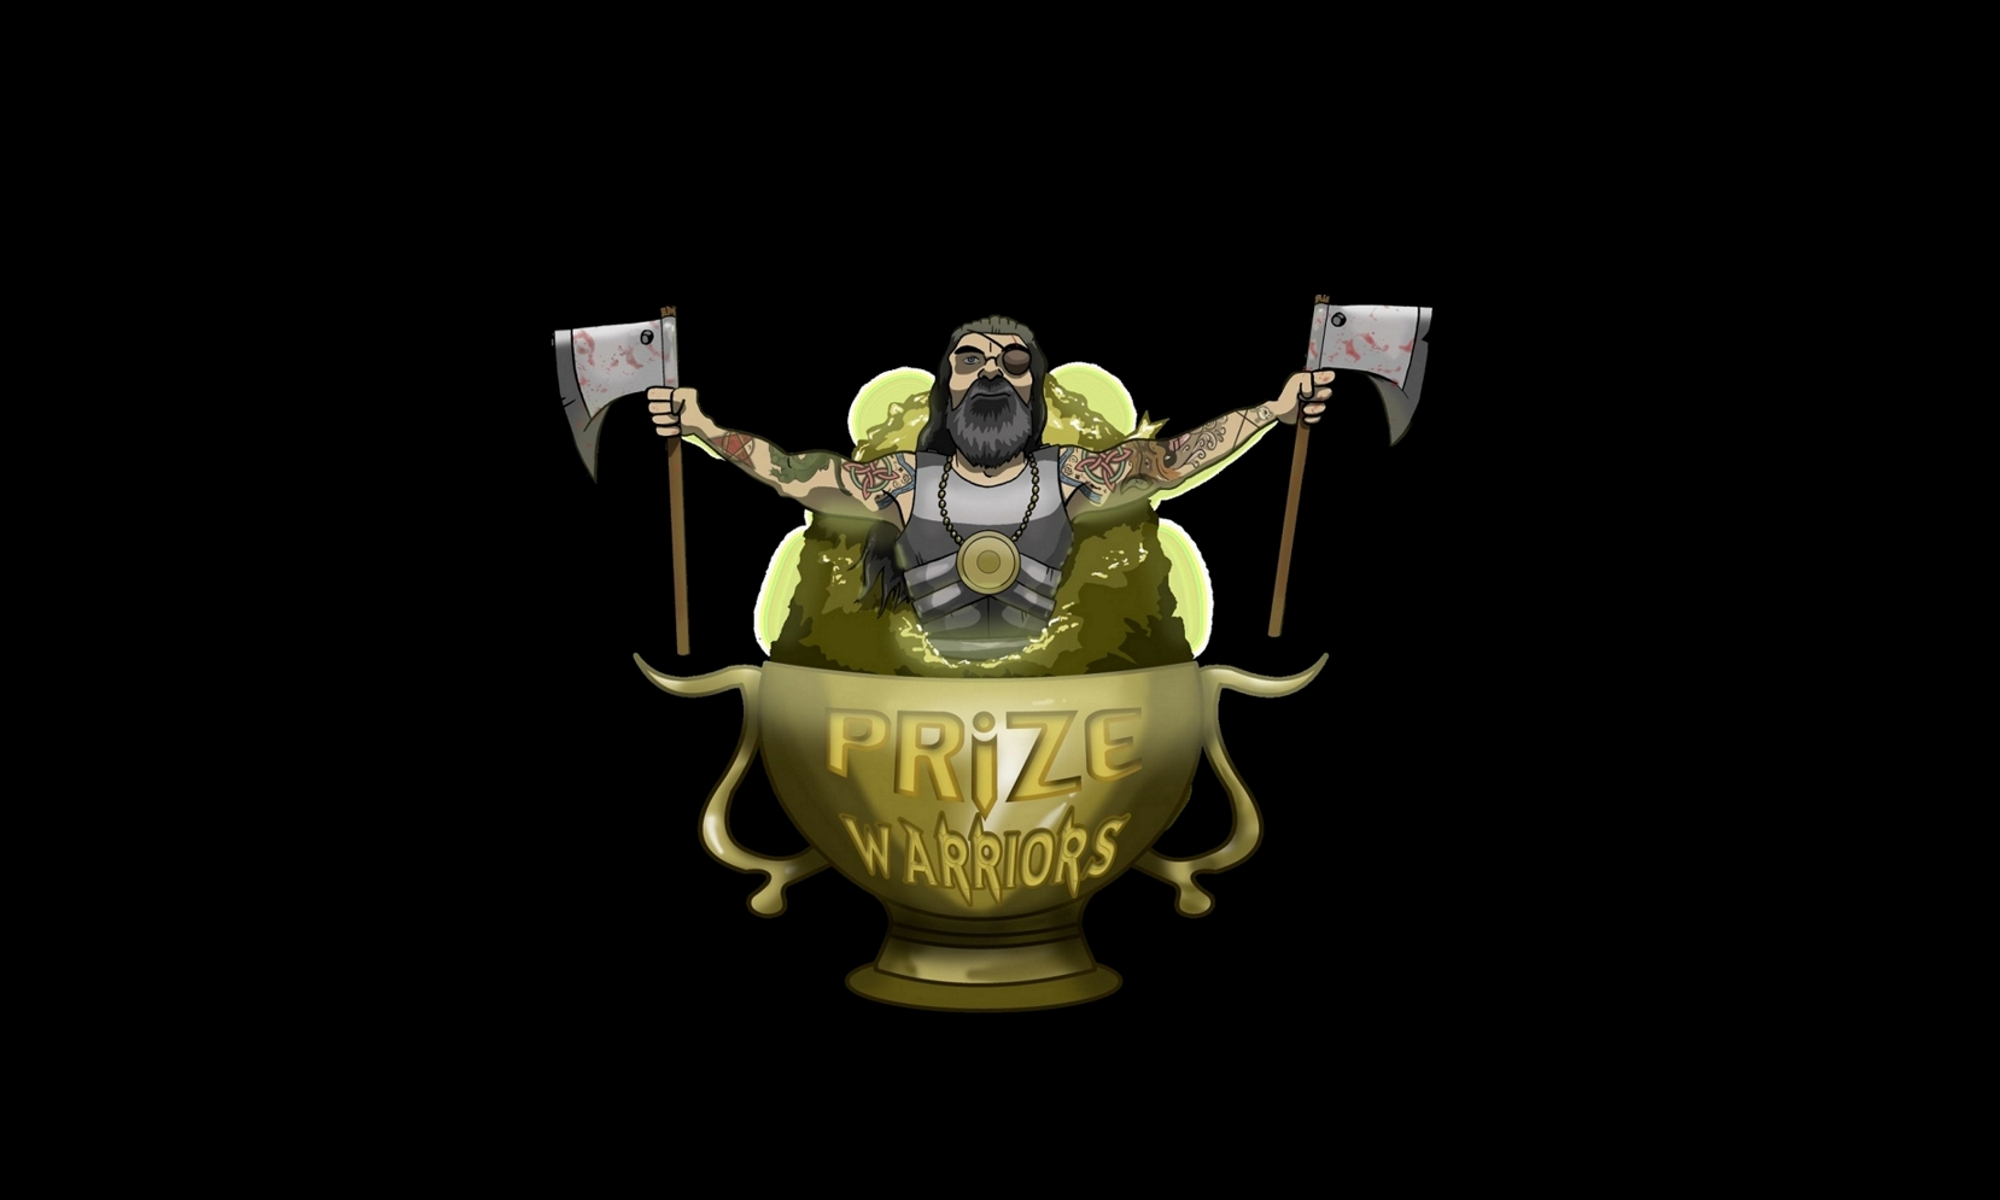 Prizewarriors.com